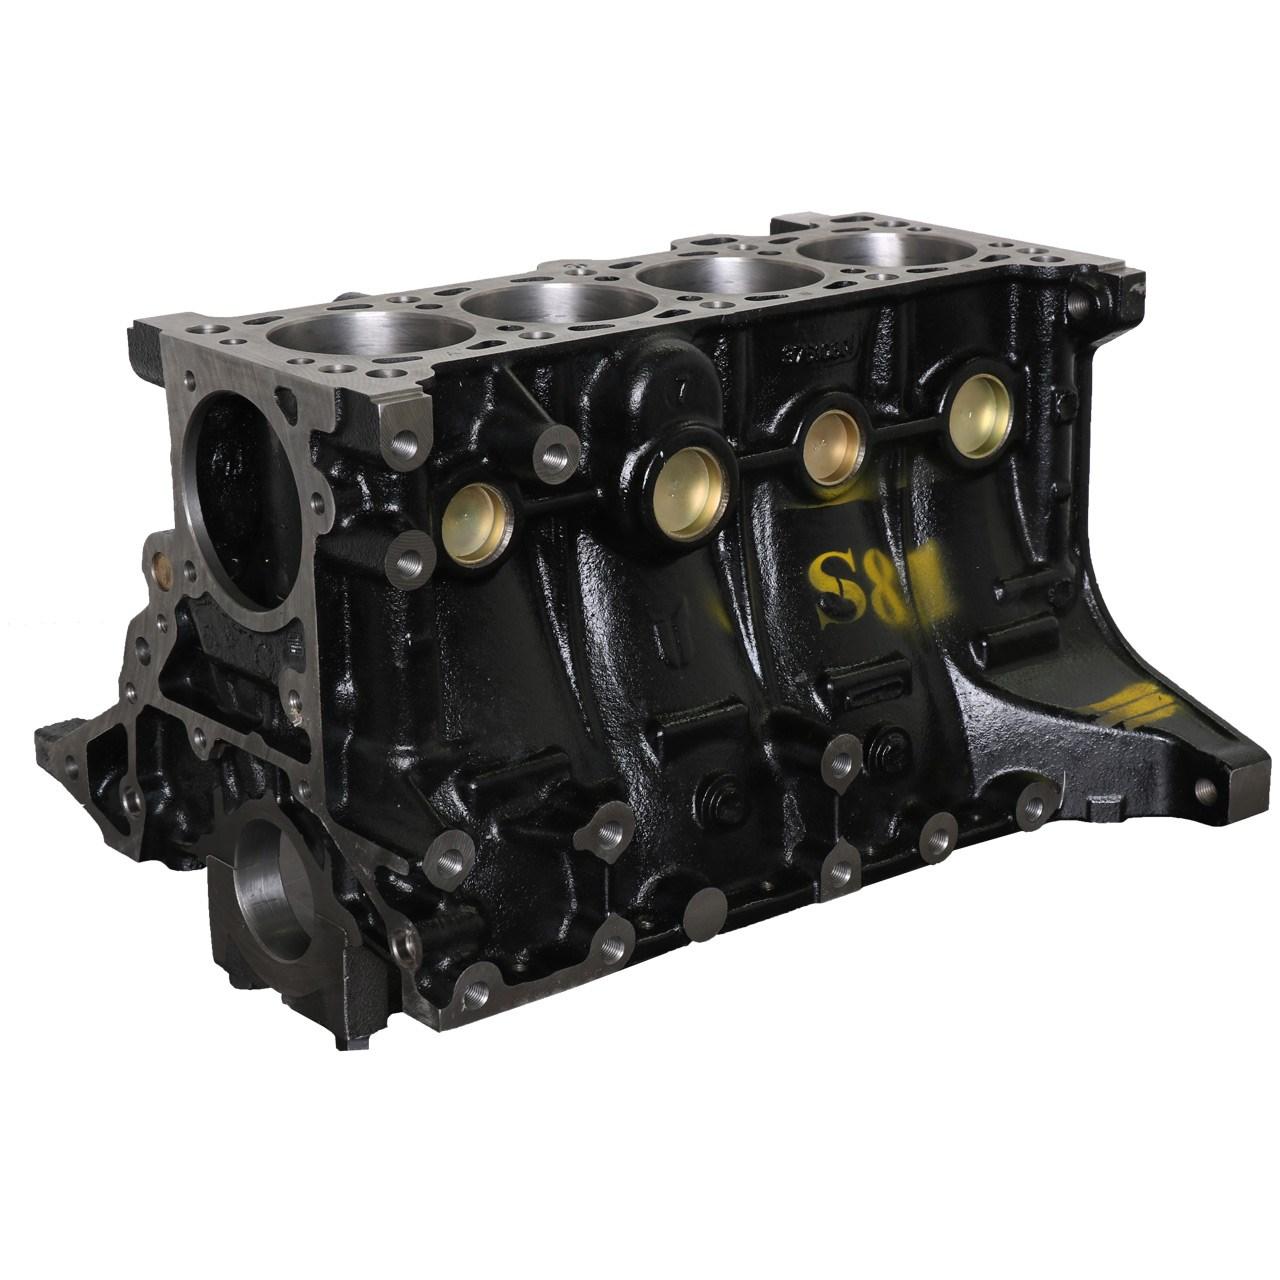 بلوک سیلندر گسترش وسایل خودرو آسیا مناسب برای تیبا S81